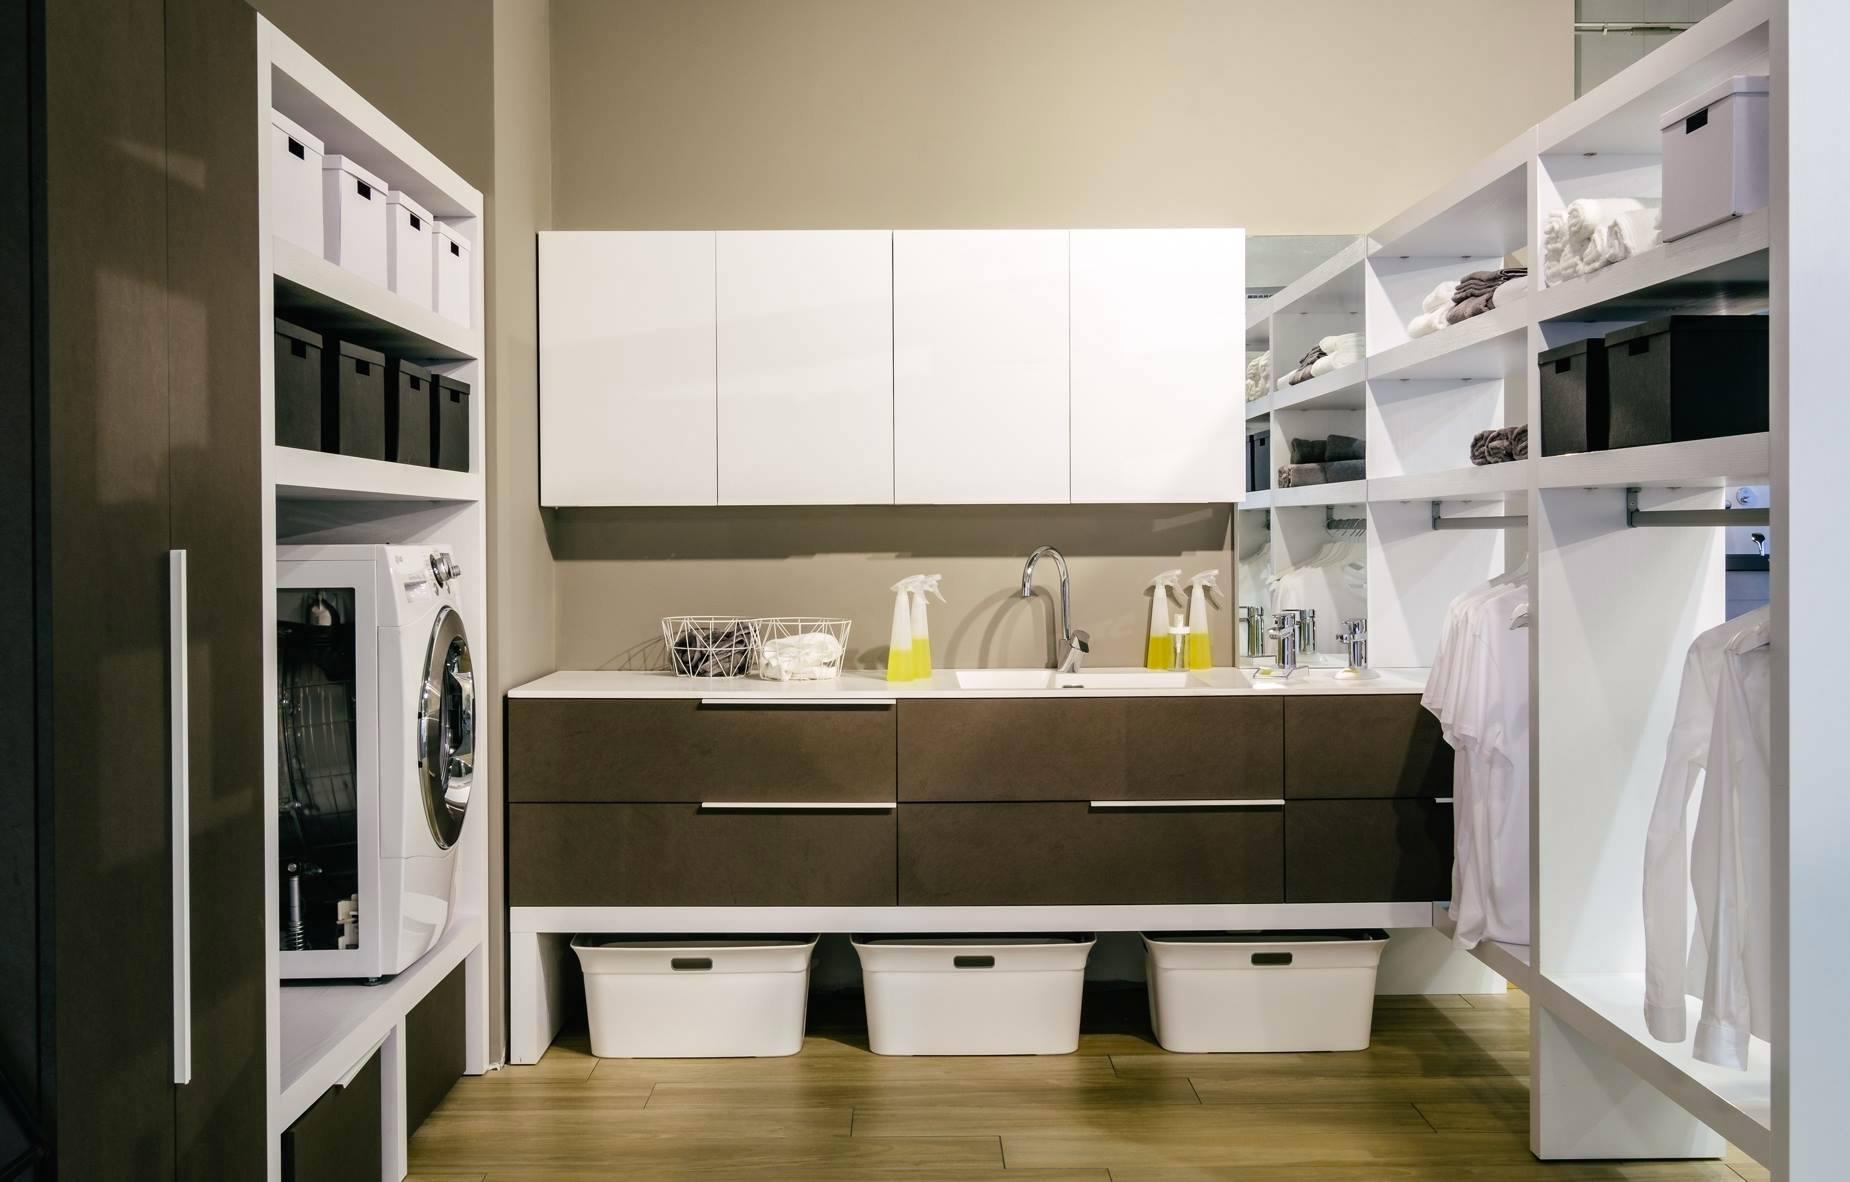 Fare il bucato - Come organizzare l'arredo della stanza